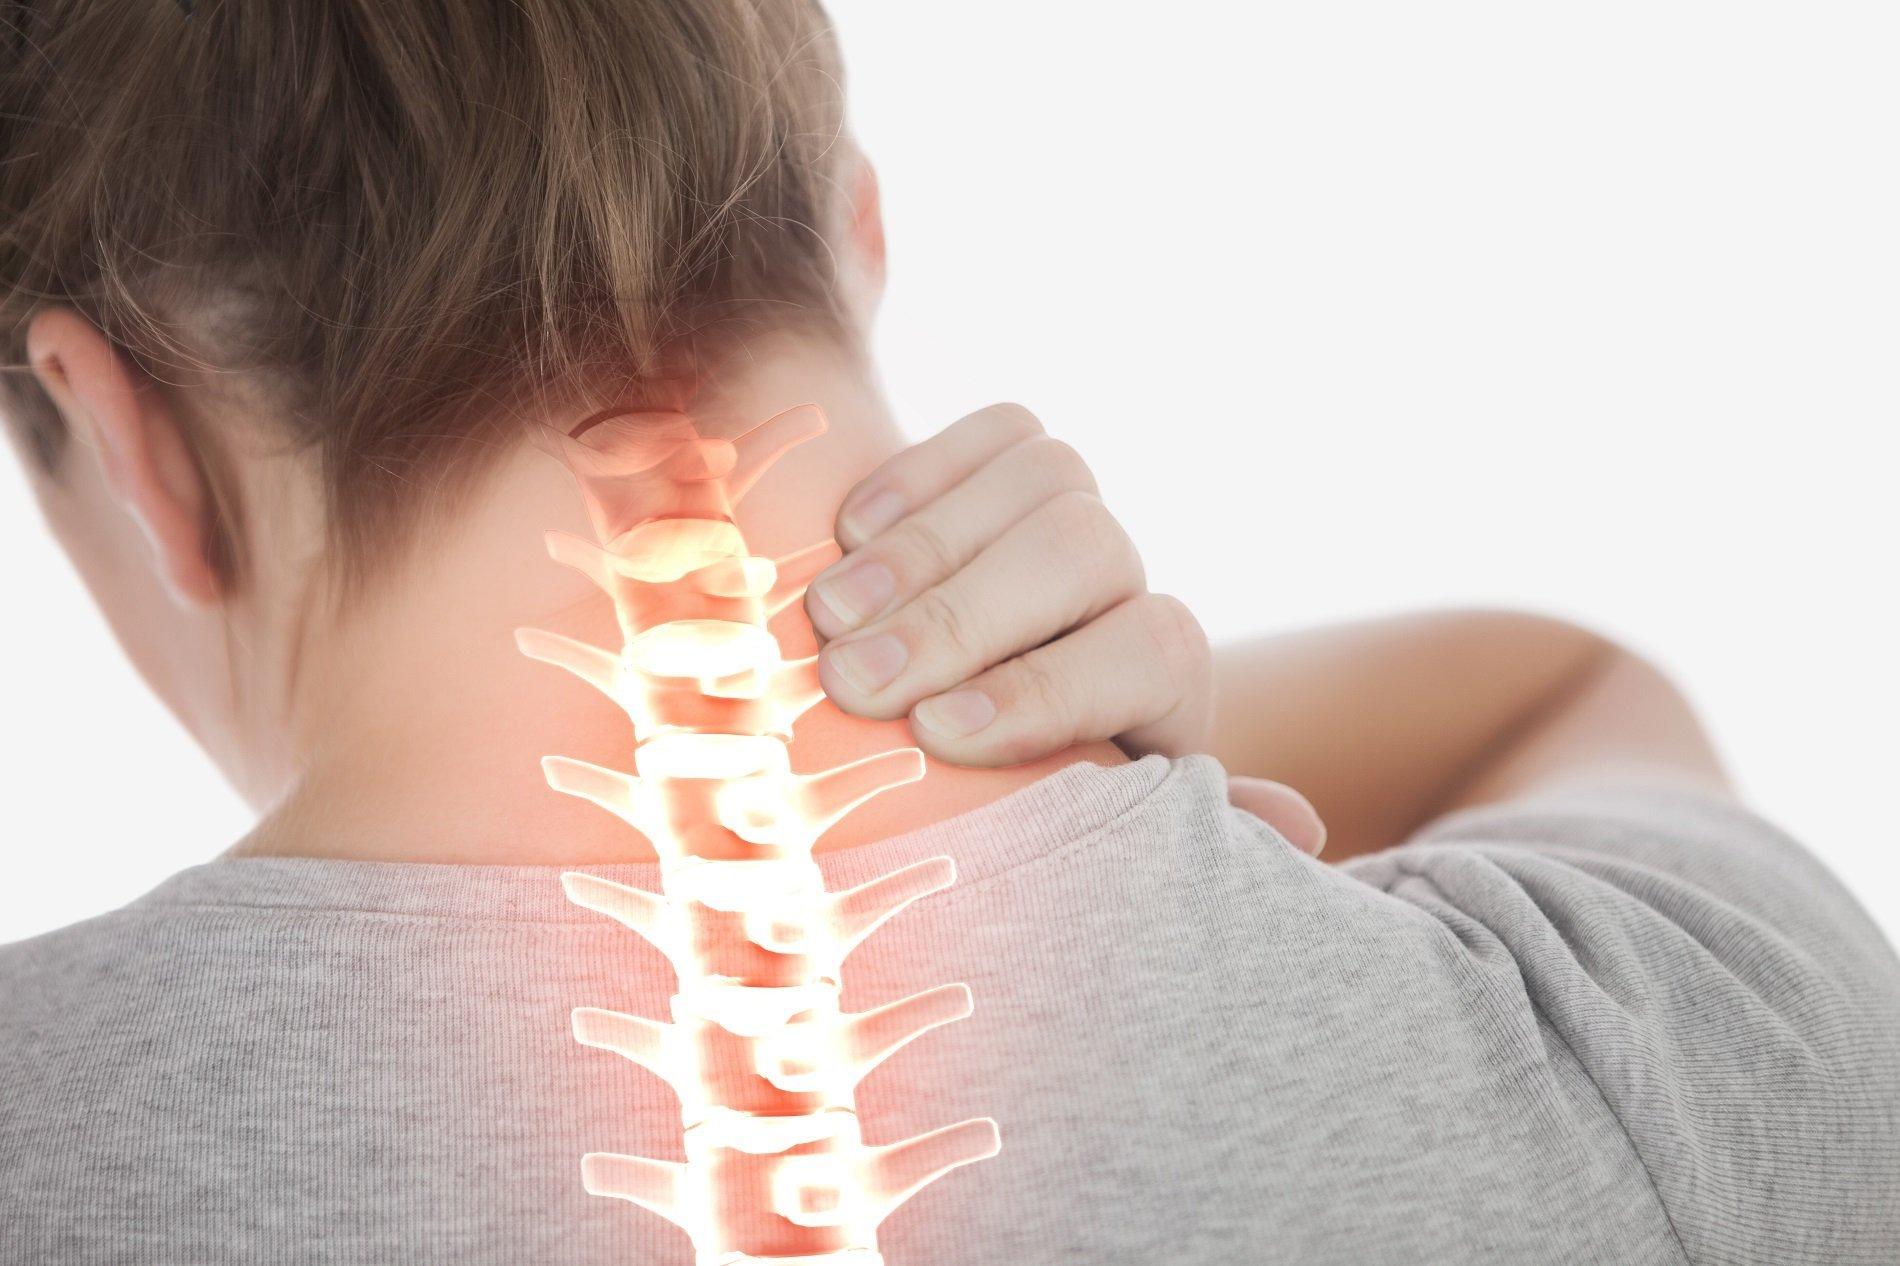 dolori alla colonna vertebrale